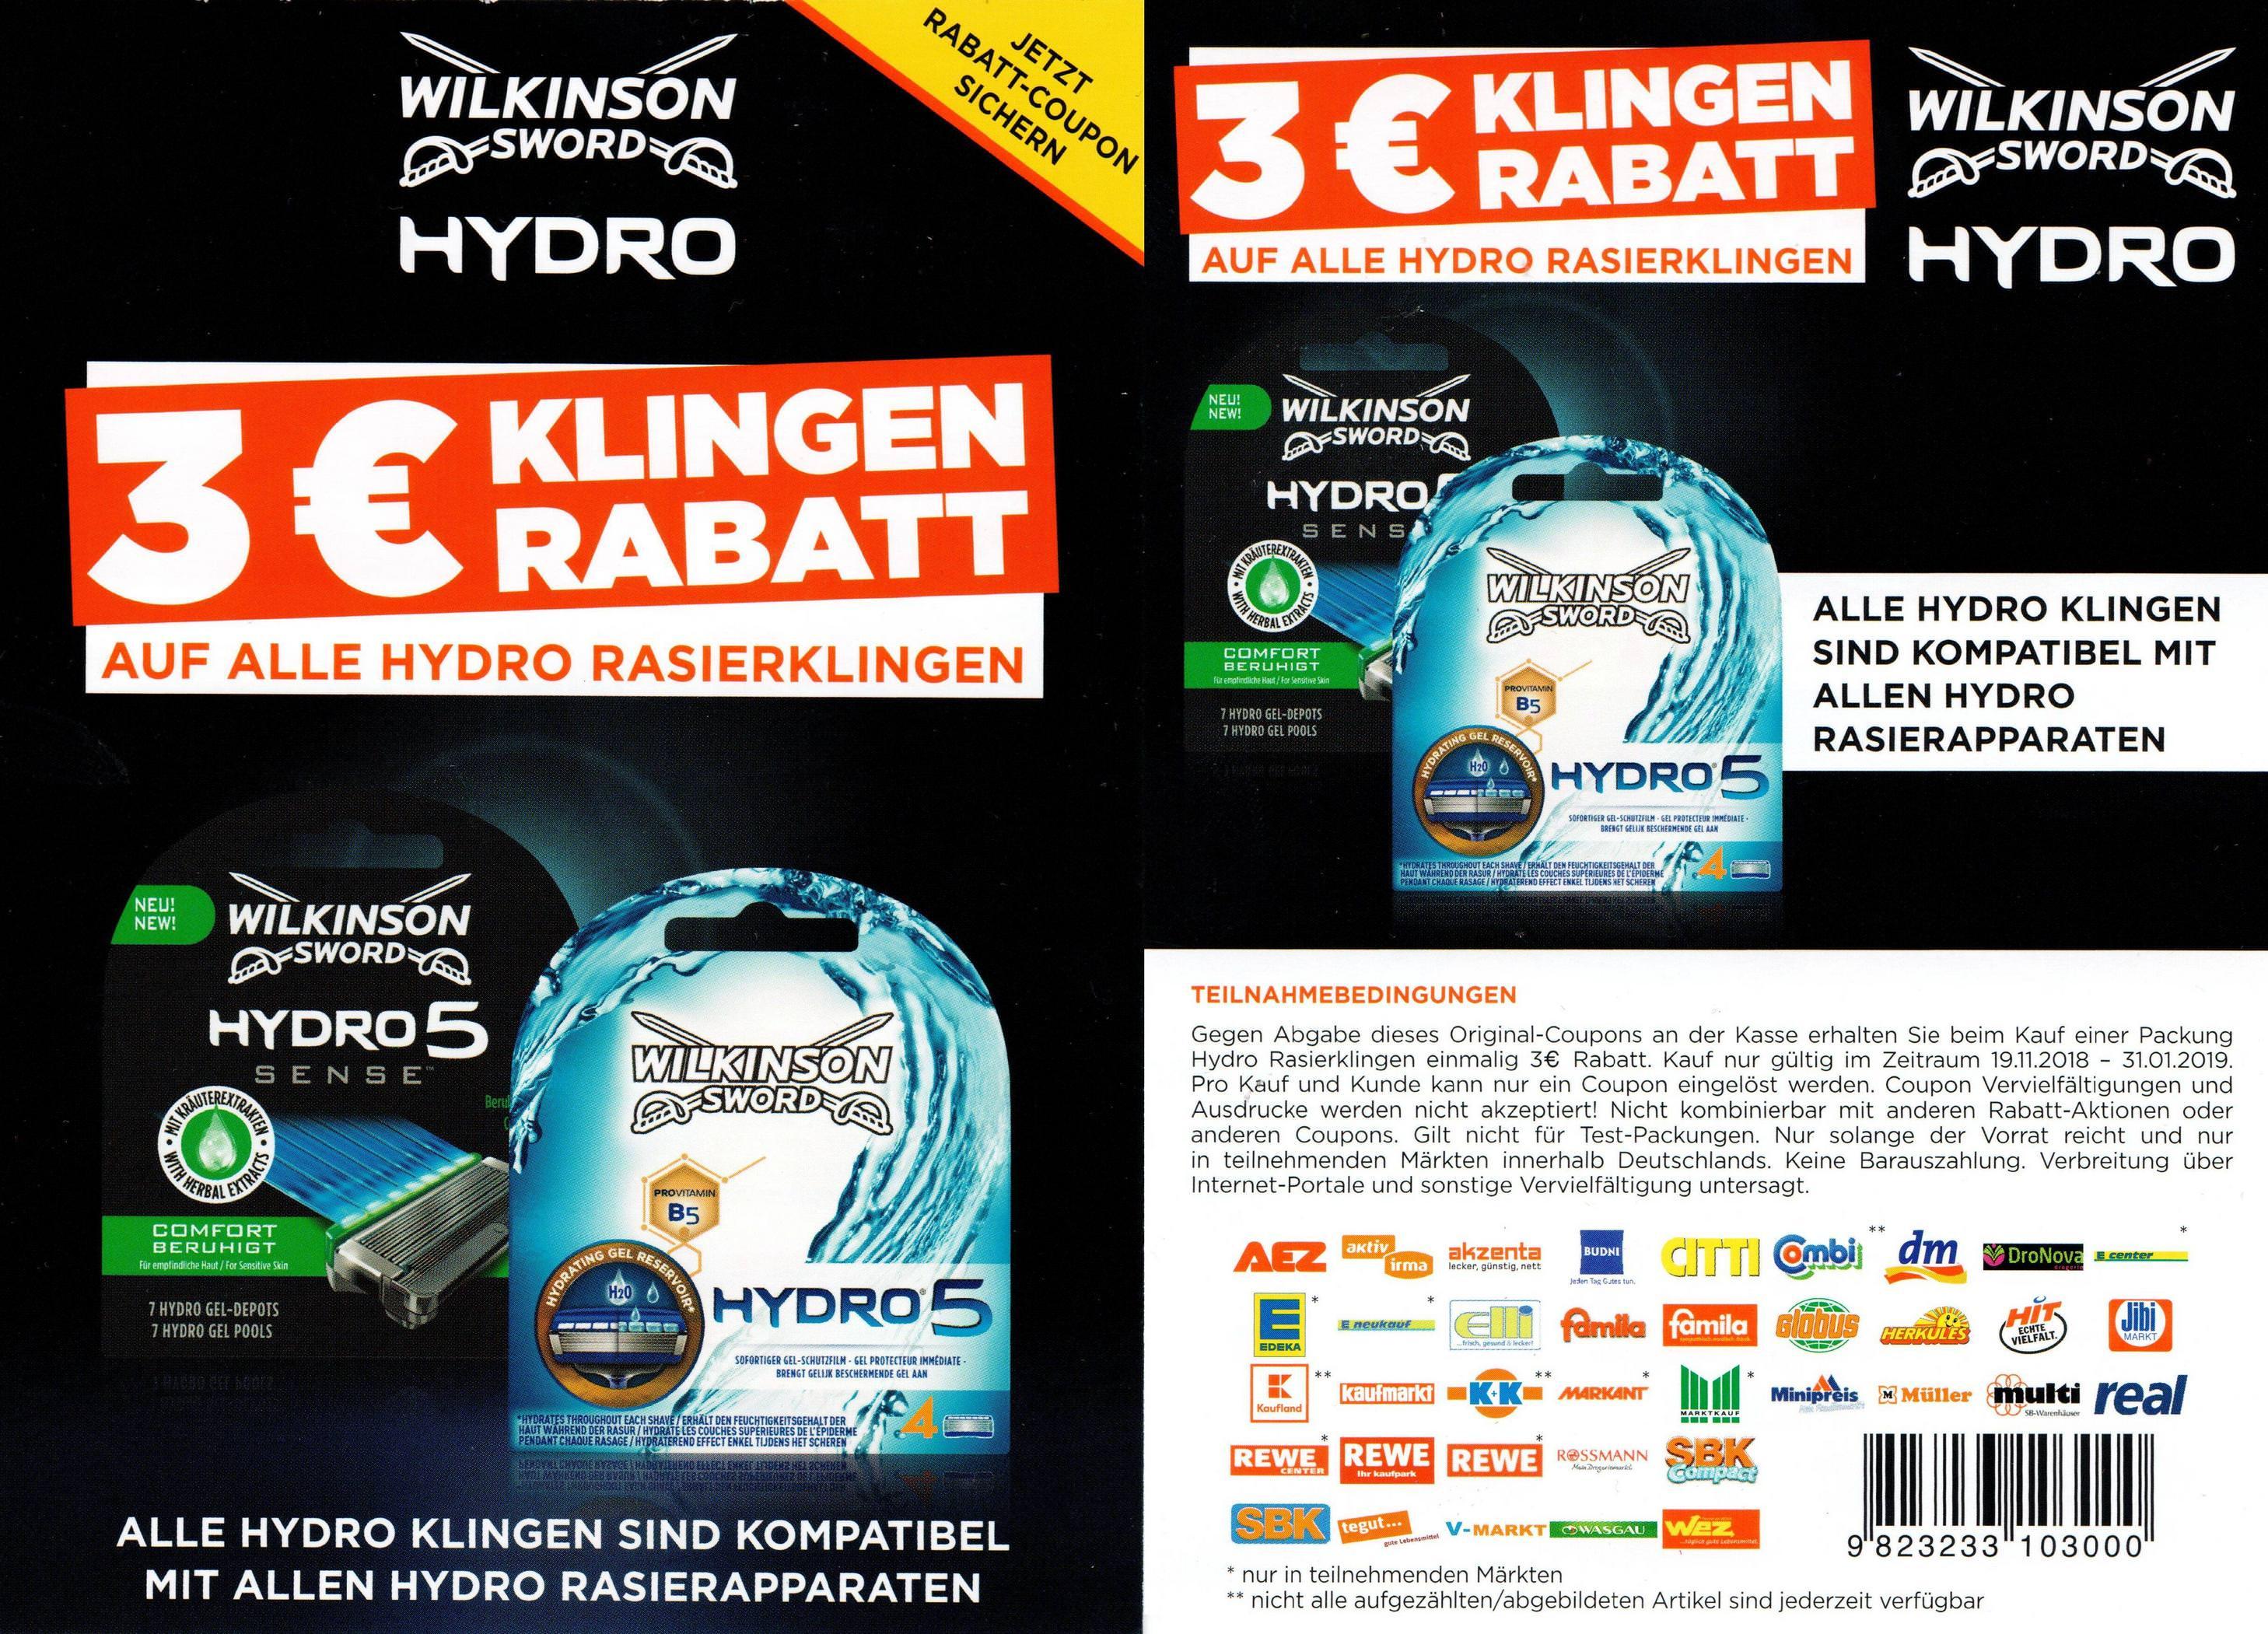 3€ Sofort-Rabatt Coupon für alle Wilkinson Hydro Rasierklingen bis 31.01.2019